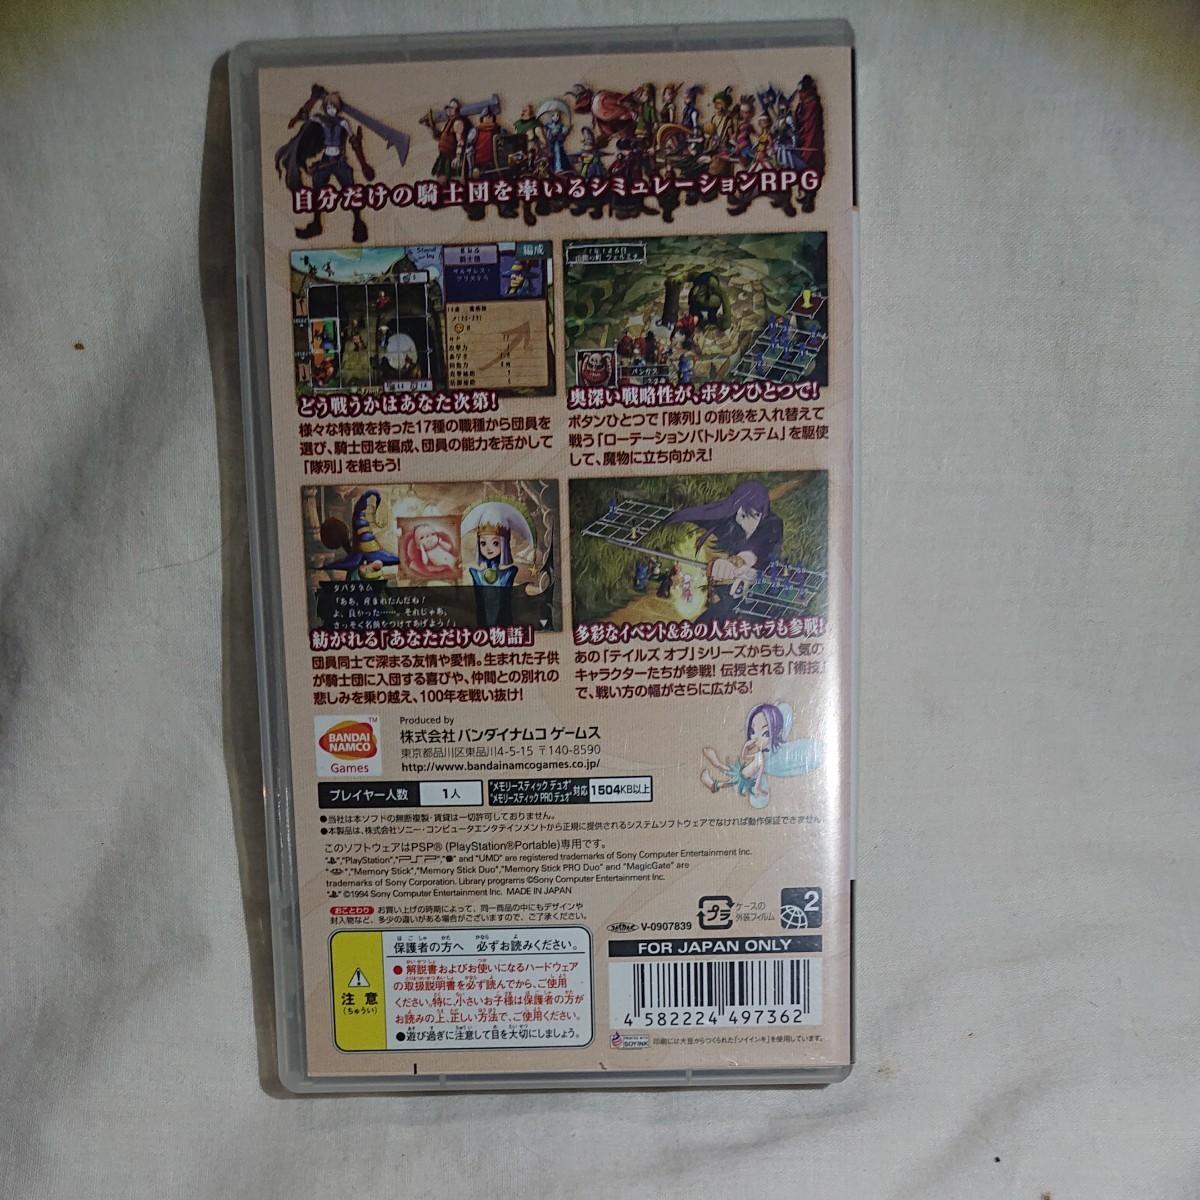 PSP ヴィーナス&ブレイブス 魔女と女神と滅びの予言 動作確認済み PSP